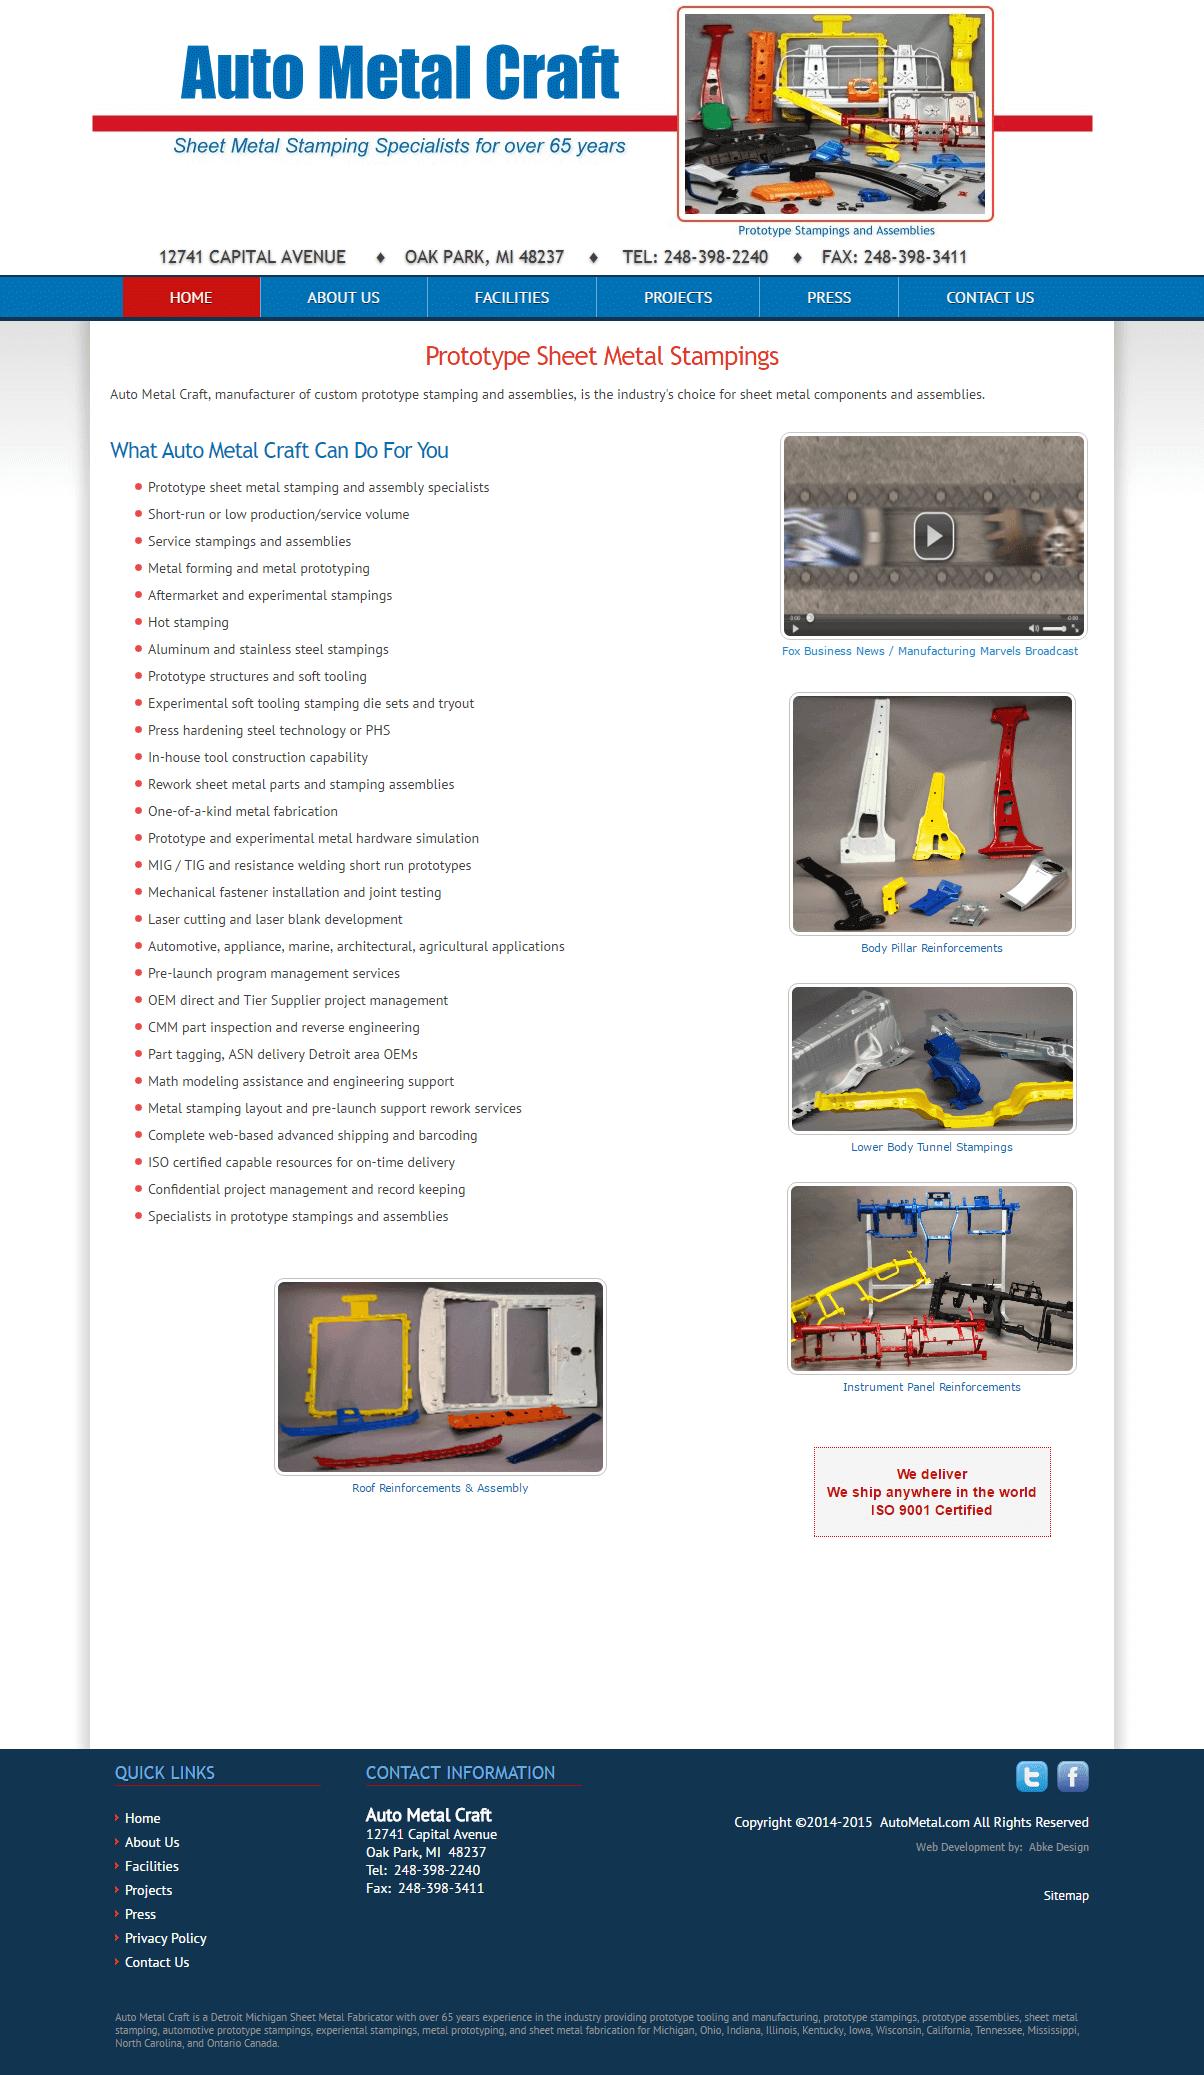 Auto Metal Craft - Website Design & Development by Abke Design